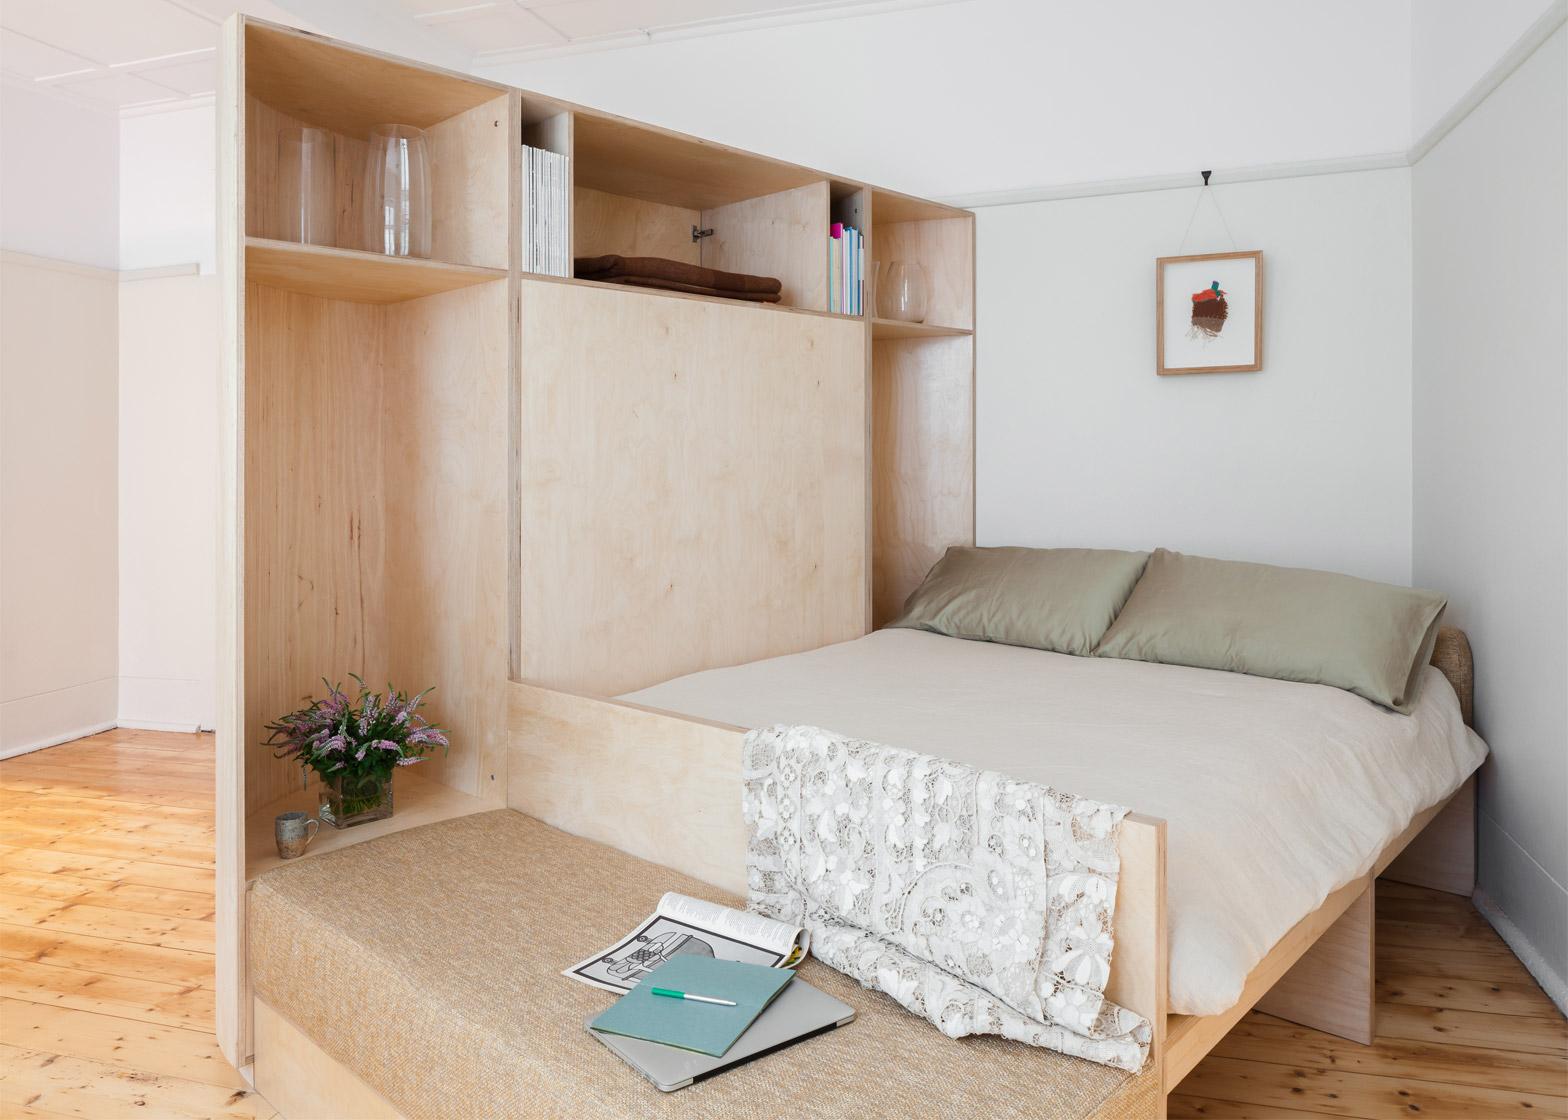 Идея спальни фото в обычной квартире